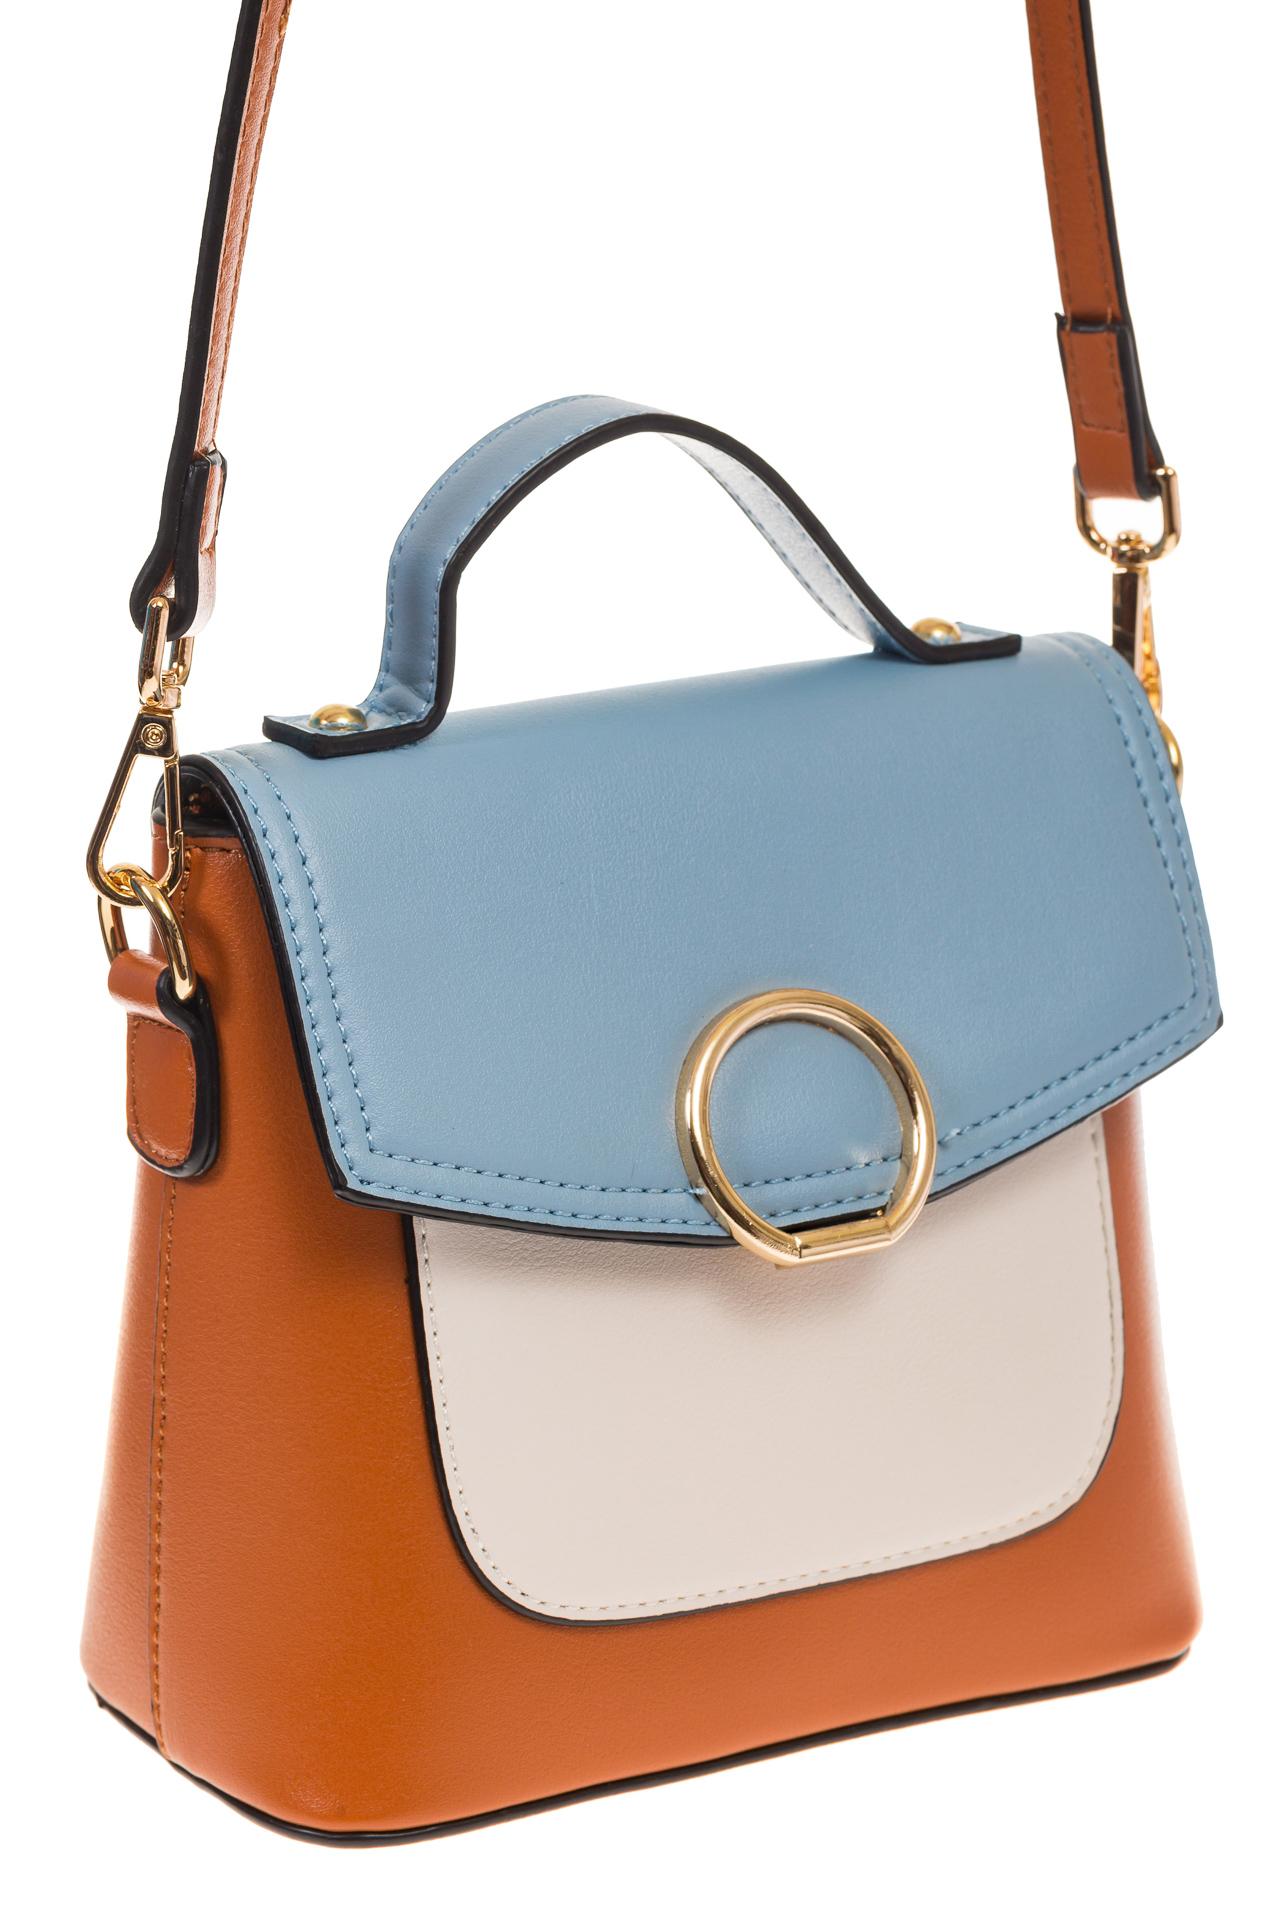 Коричневая/голубая/белая сумка с кольцом из эко-кожи 1817 для оптовых закупок